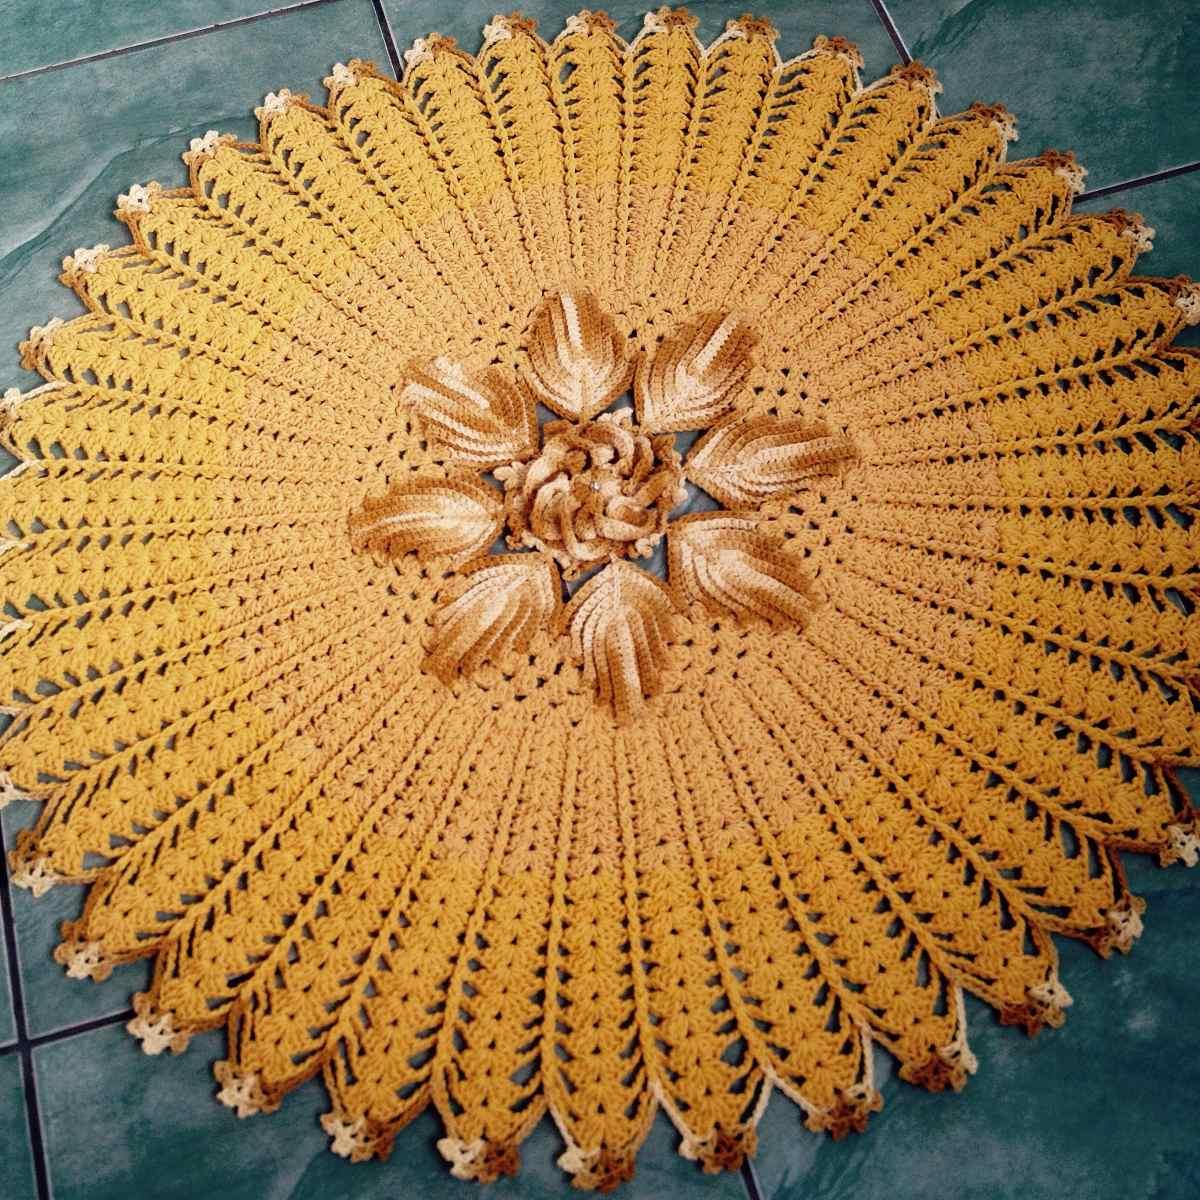 Tapete Redondo Em Croch Sala 1 50 1 50 Cm Amarelo Ouro R 320 00  -> Tapete Para Sala De Barbante Redondo